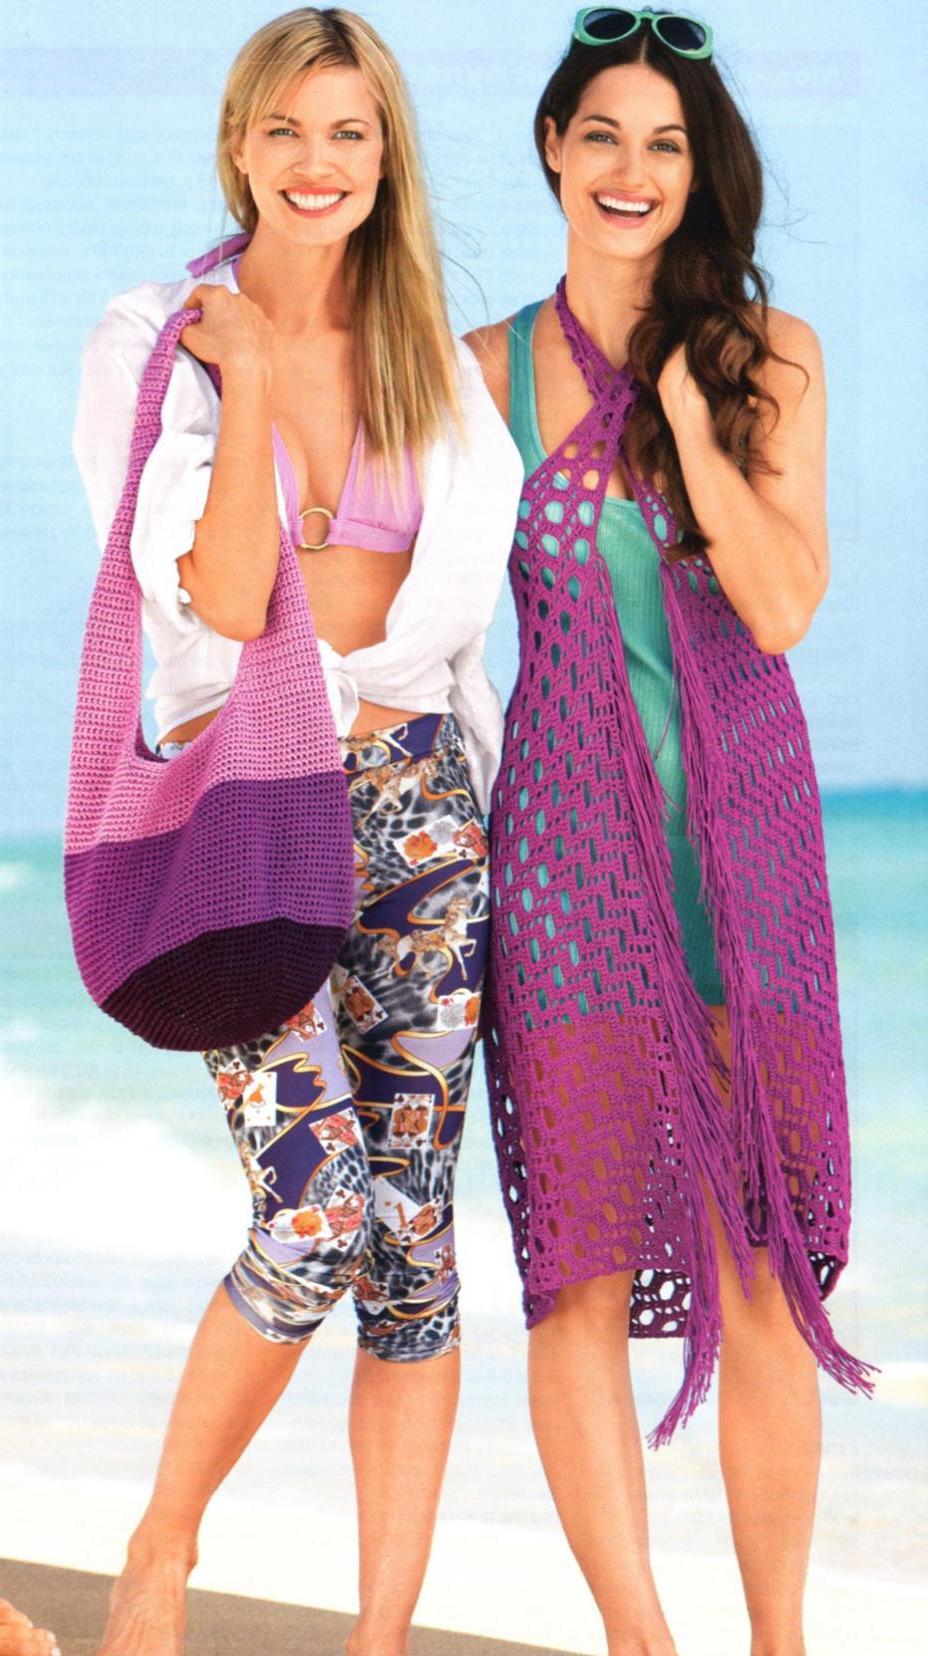 как сделать сумку своими руками, вязание схемы модели для женщин, вязание для пляжа